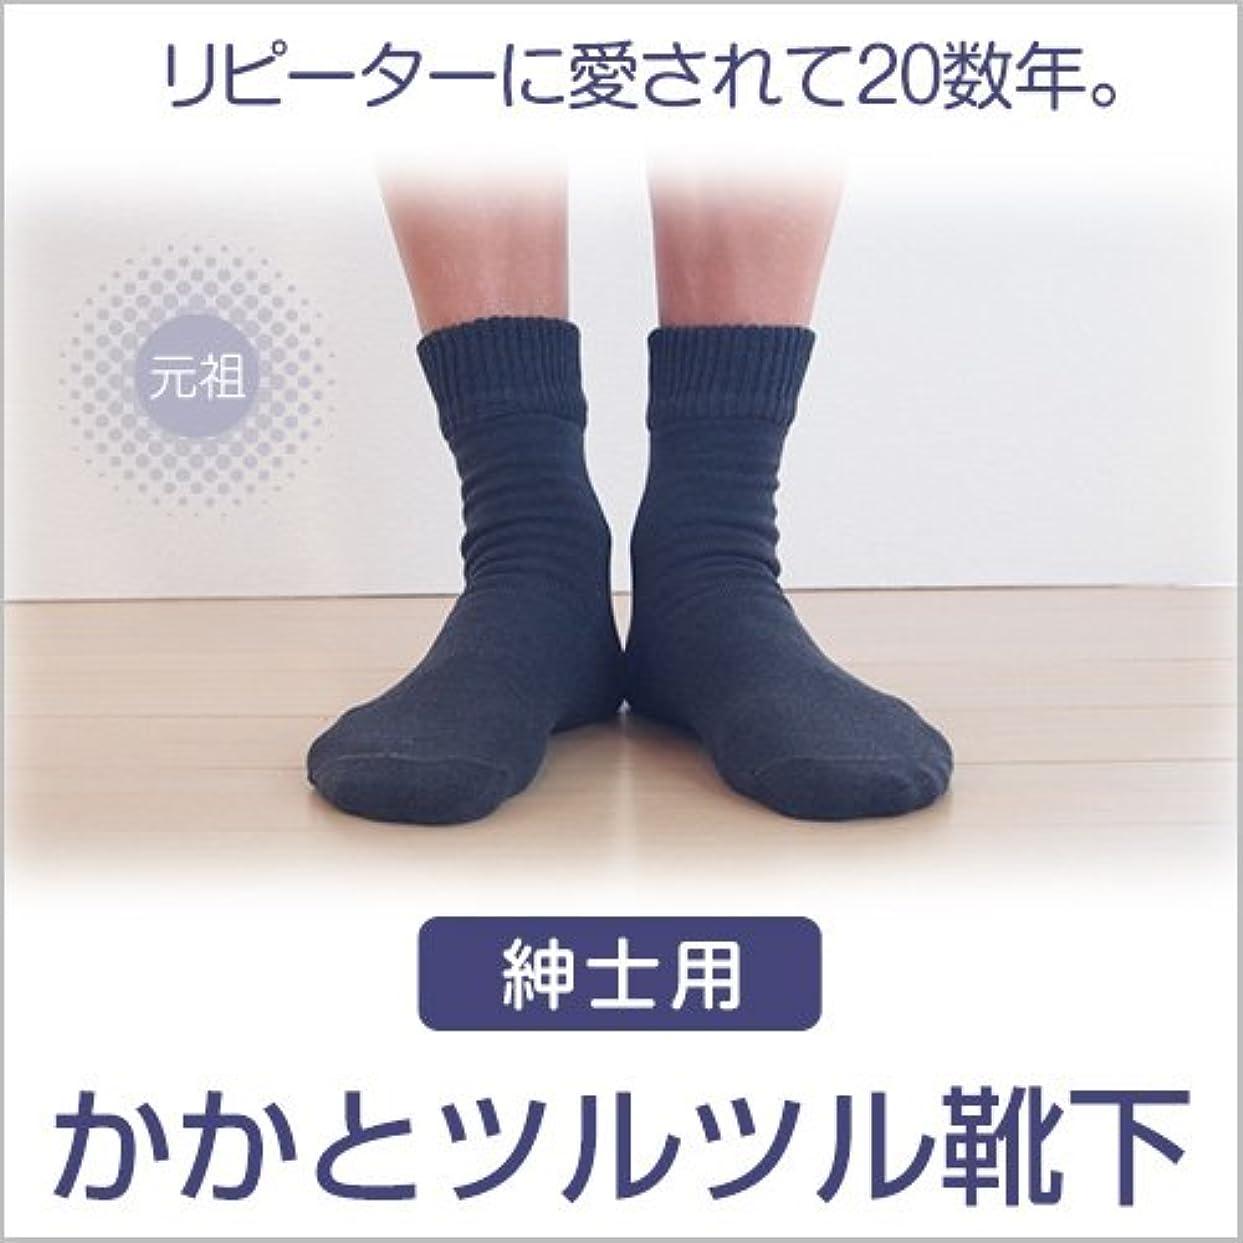 エンゲージメント期待するなに男性用 かかと ツルツル 靴下 ネイビー 24-26cm 角質 ケア ひび割れ 対策 太陽ニット 700